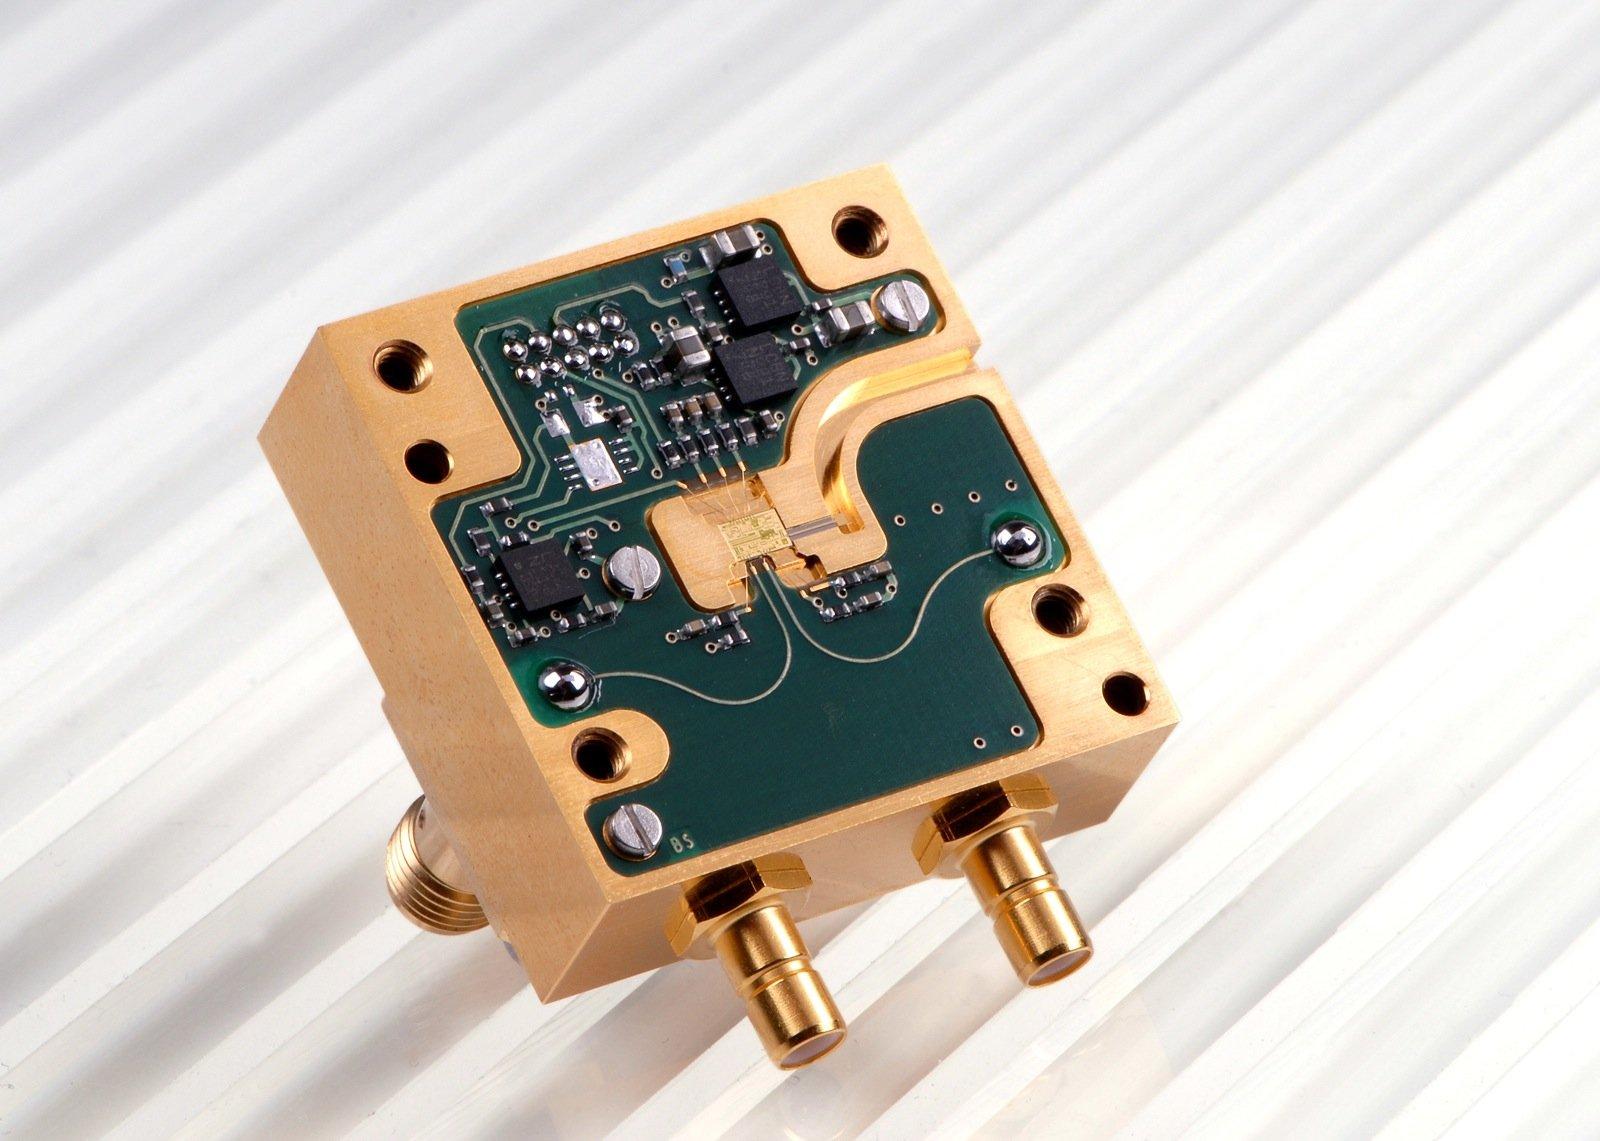 Das 94-GHz-Radarmodul wird künftig die Landung von Hubschraubern erleichtern.